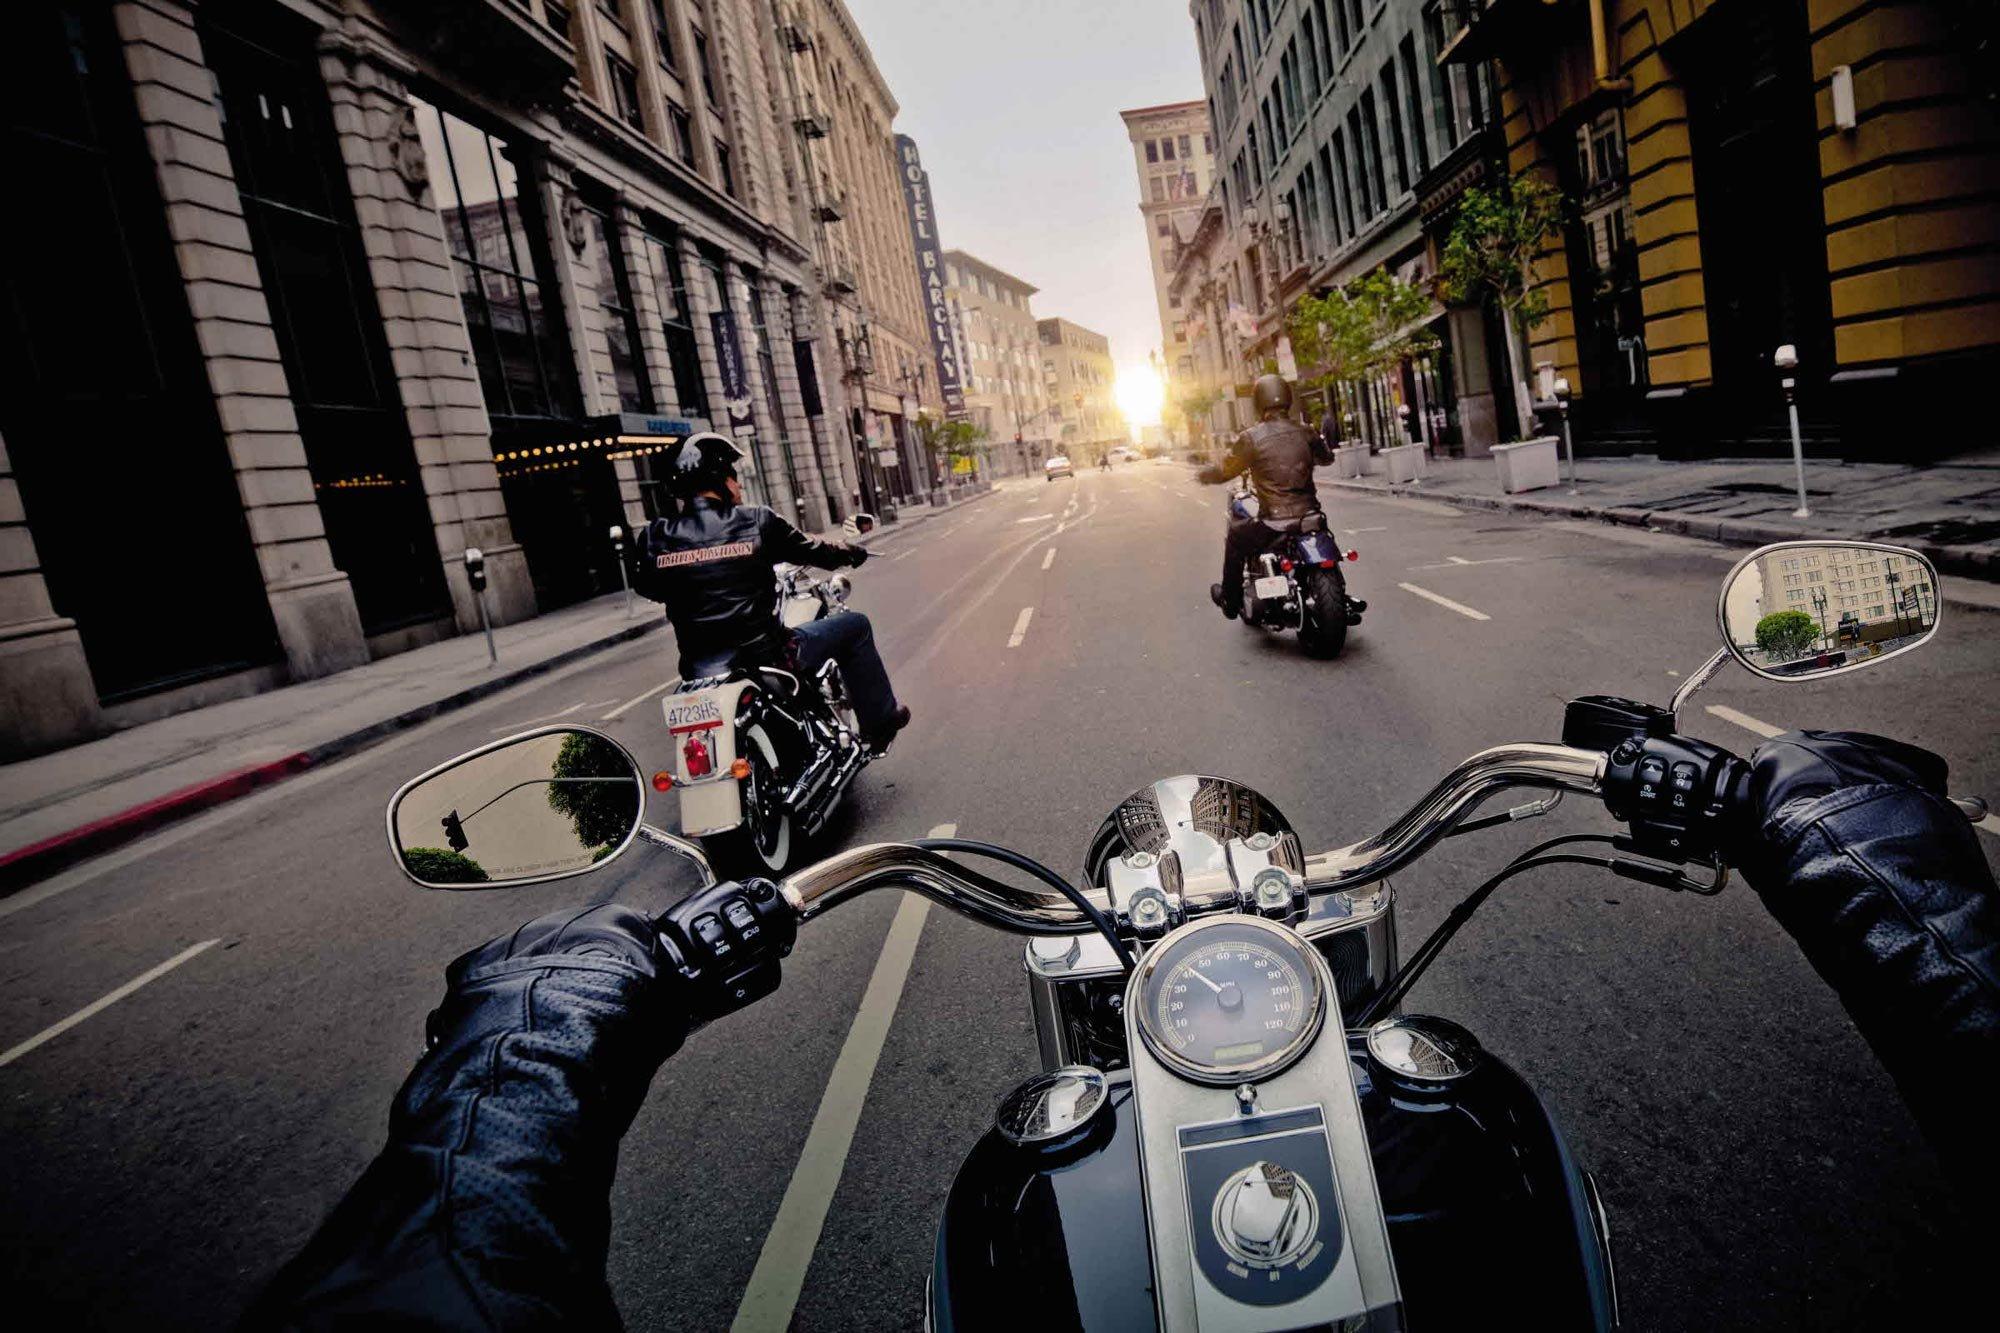 мотоцикл от первого лица дорога  № 16476 загрузить